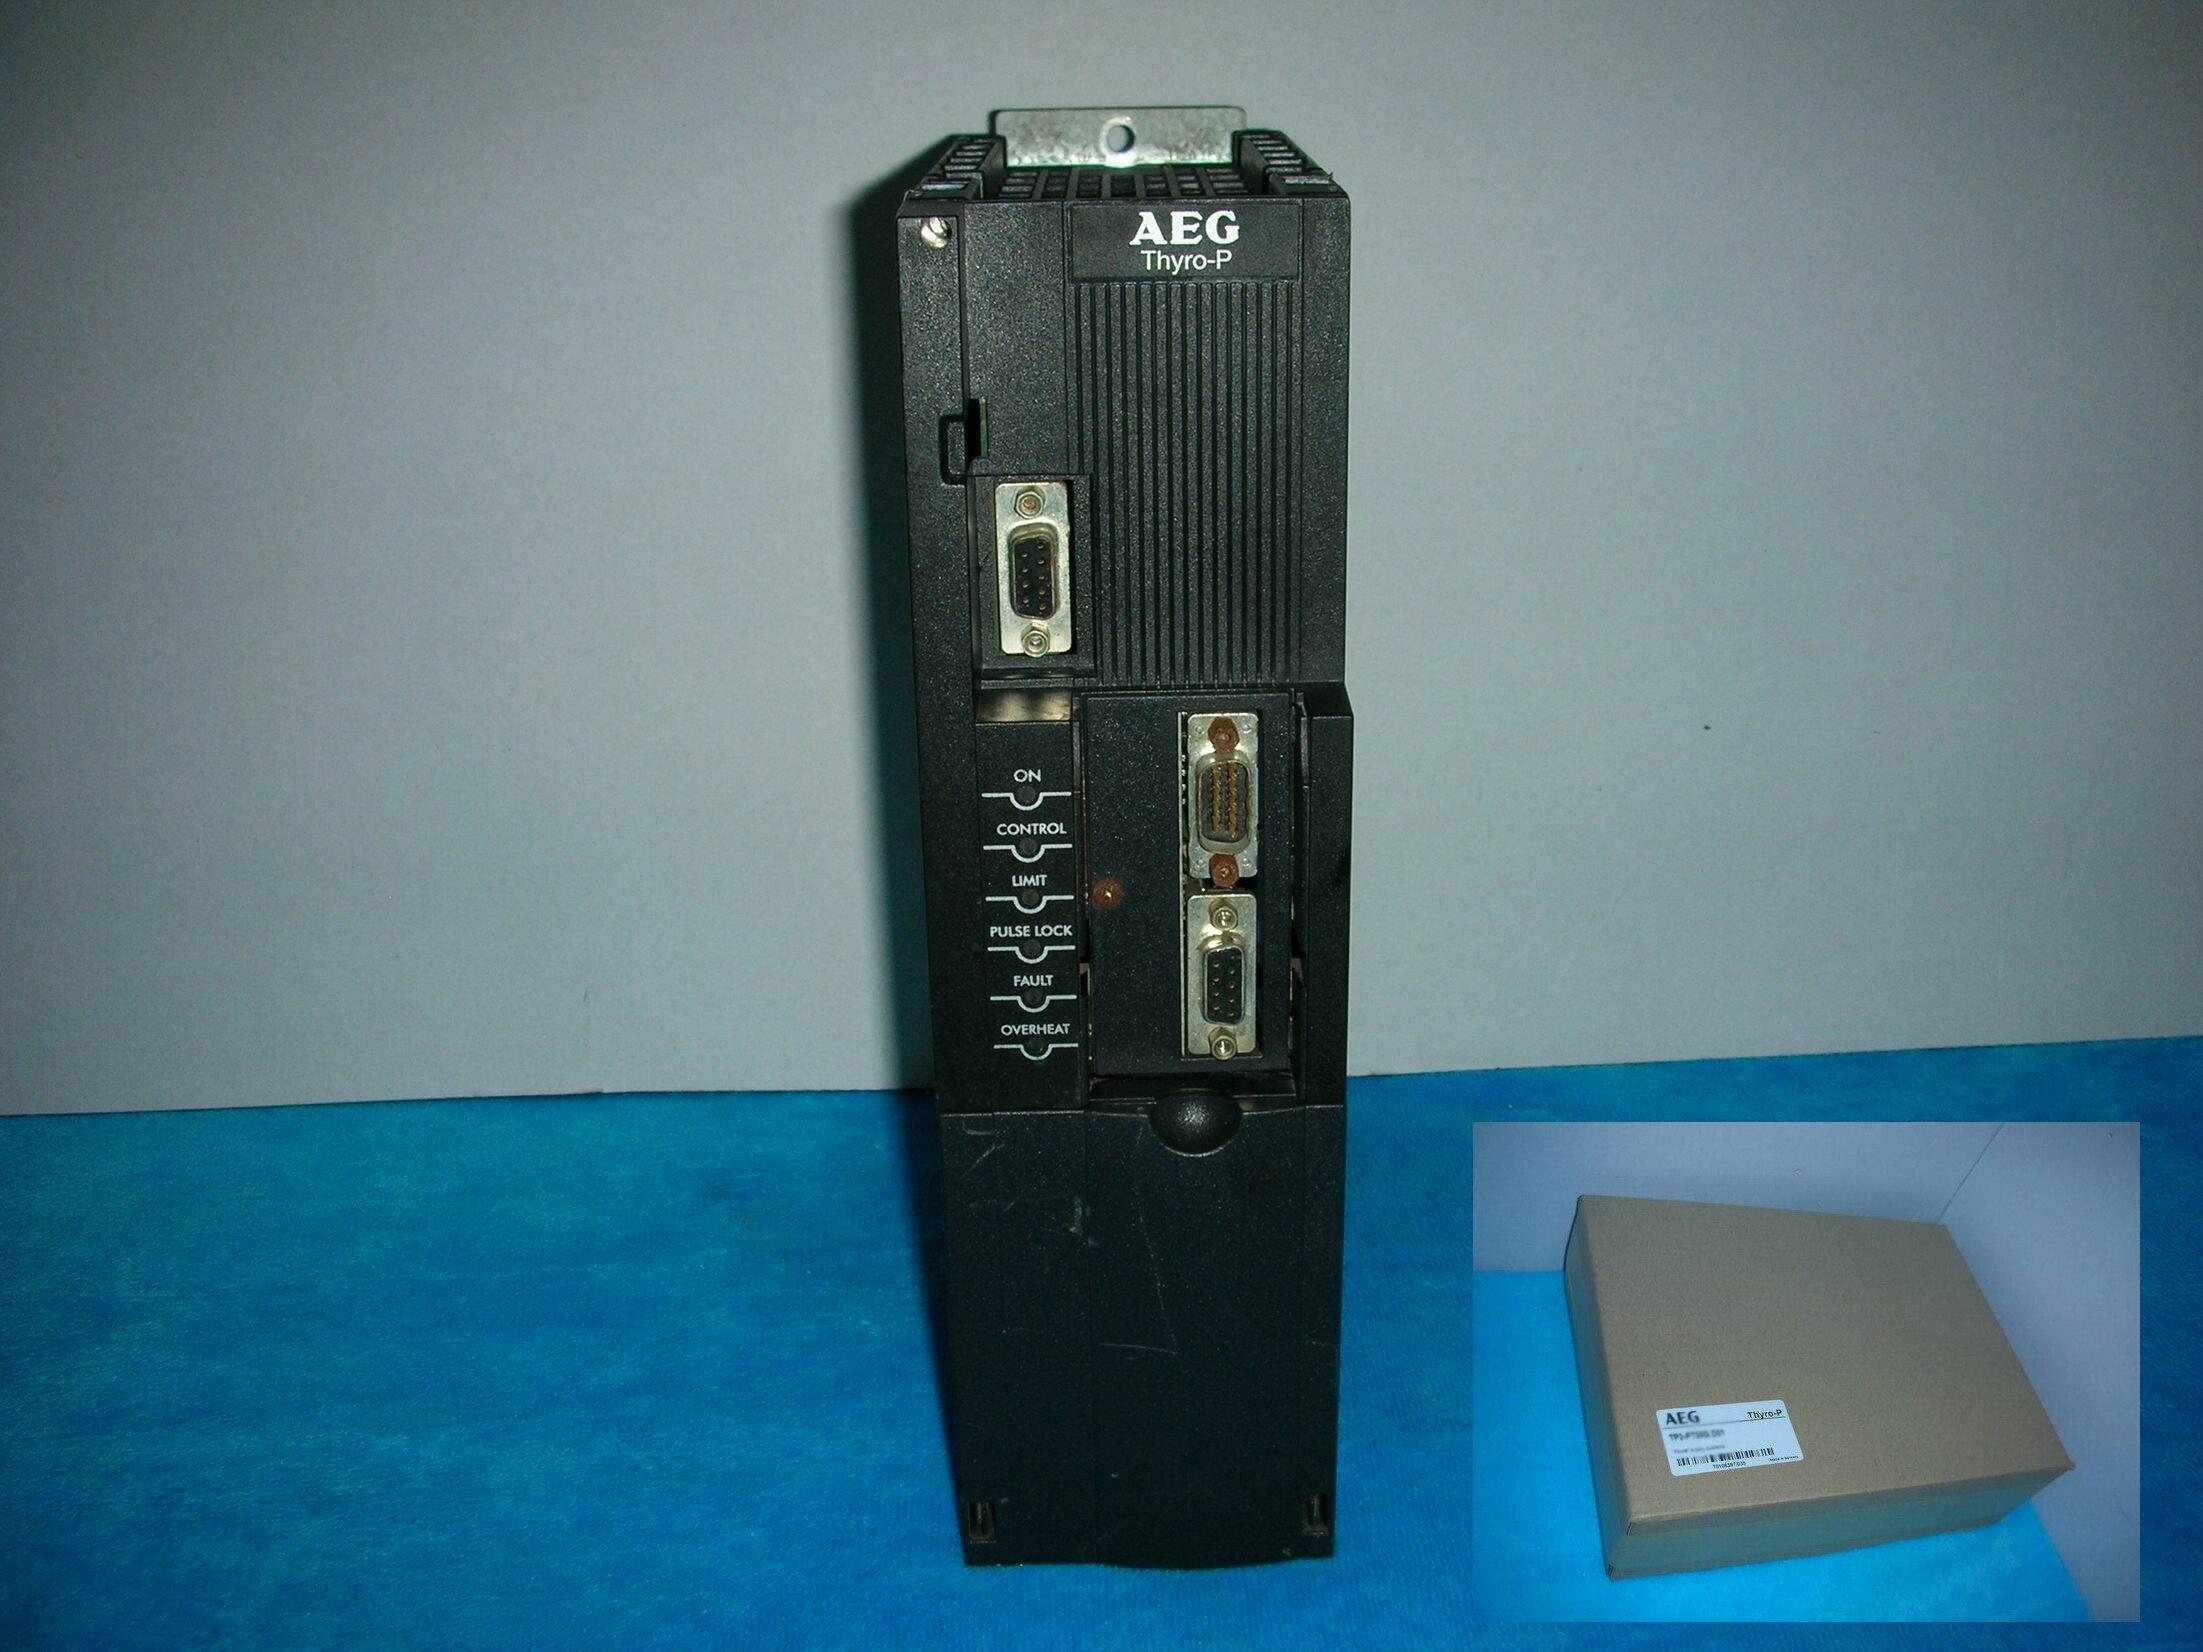 1PC USED AEG Thyro-p TP3-11E.D01/80000066881PC USED AEG Thyro-p TP3-11E.D01/8000006688